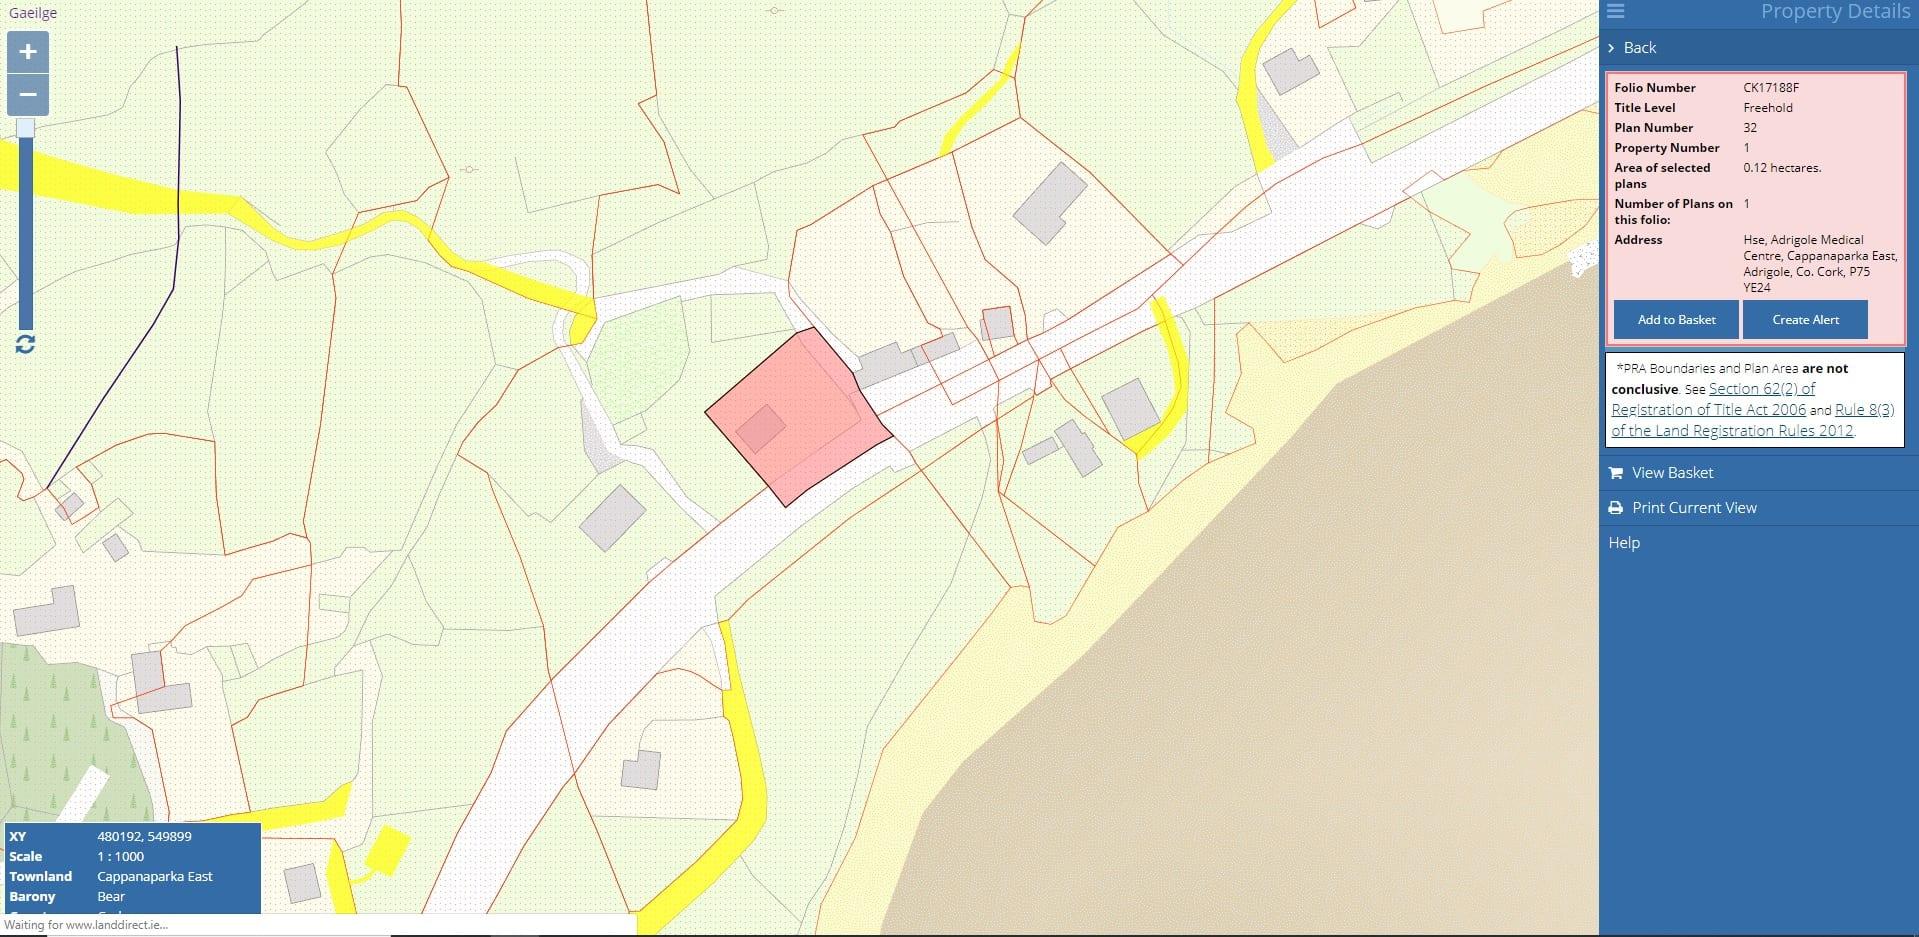 Folio Map